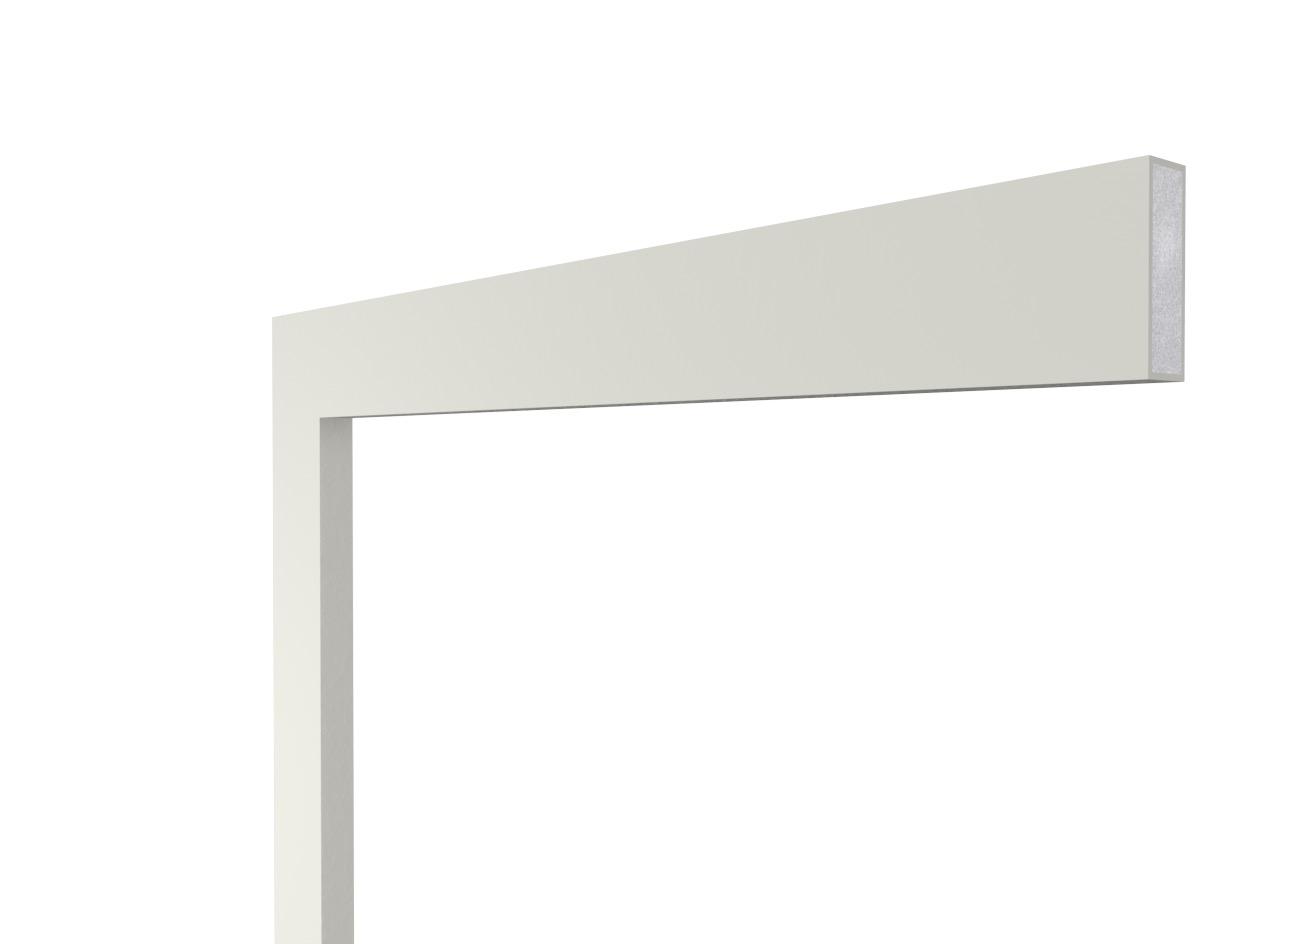 Fr 6 - Cornice in polistirene spalmato con graniglie - Decorget - Ital Decori - Image 0